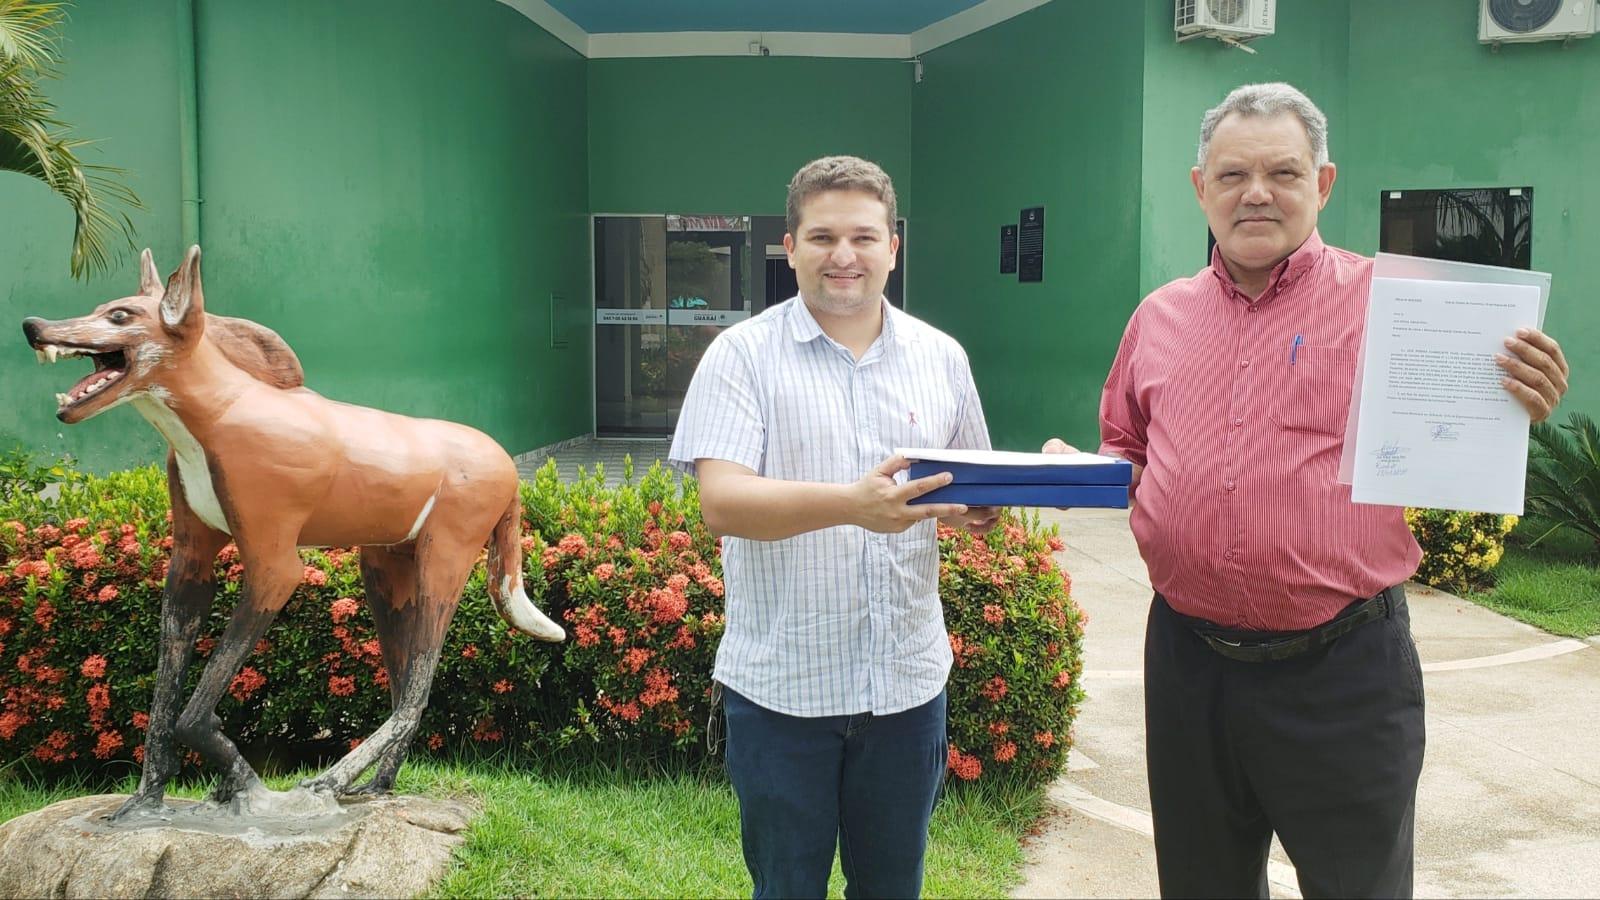 Presidente da Câmara recebe projeto popular que pede redução da tarifa de esgoto em Guaraí